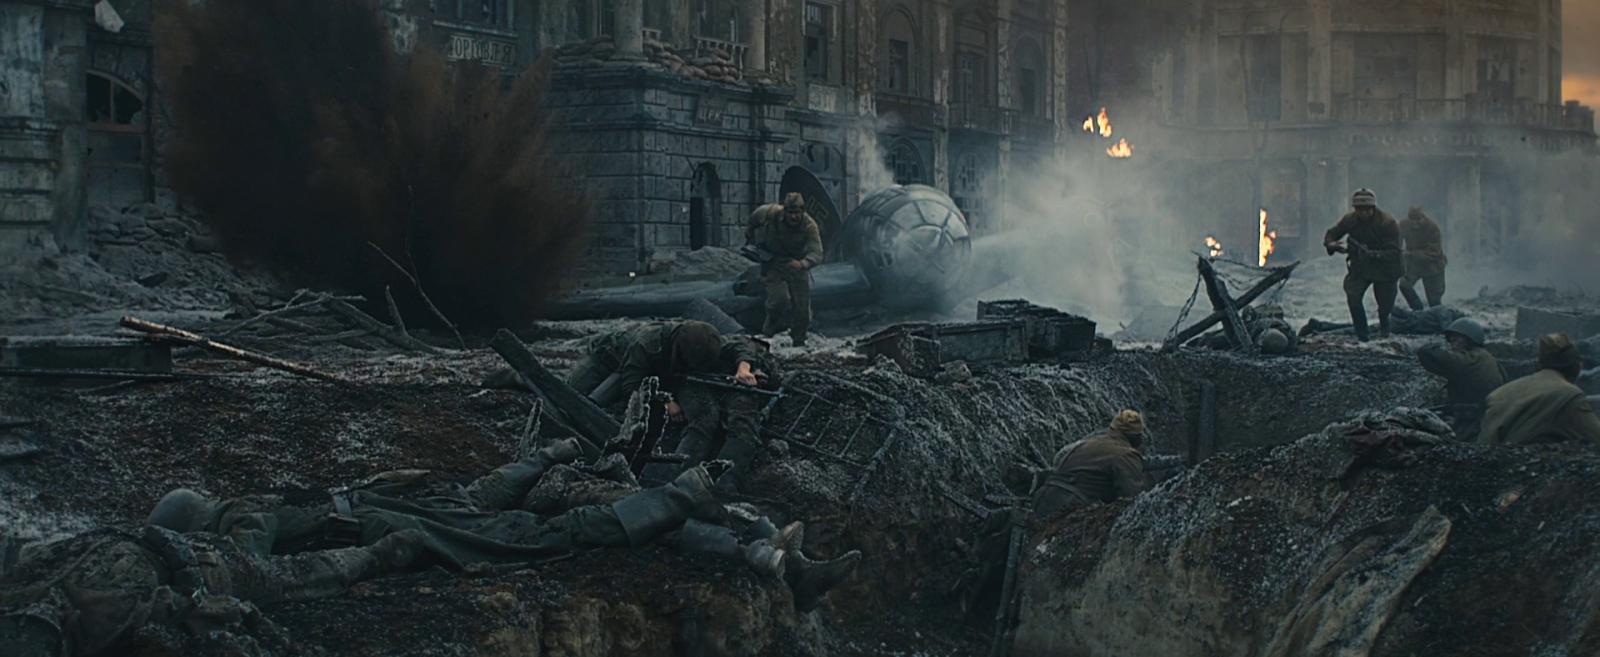 stalingrad Громкая премьера 2013 года, выдвинутая на «оскар» как лучший фильм на иностранном языке, и.